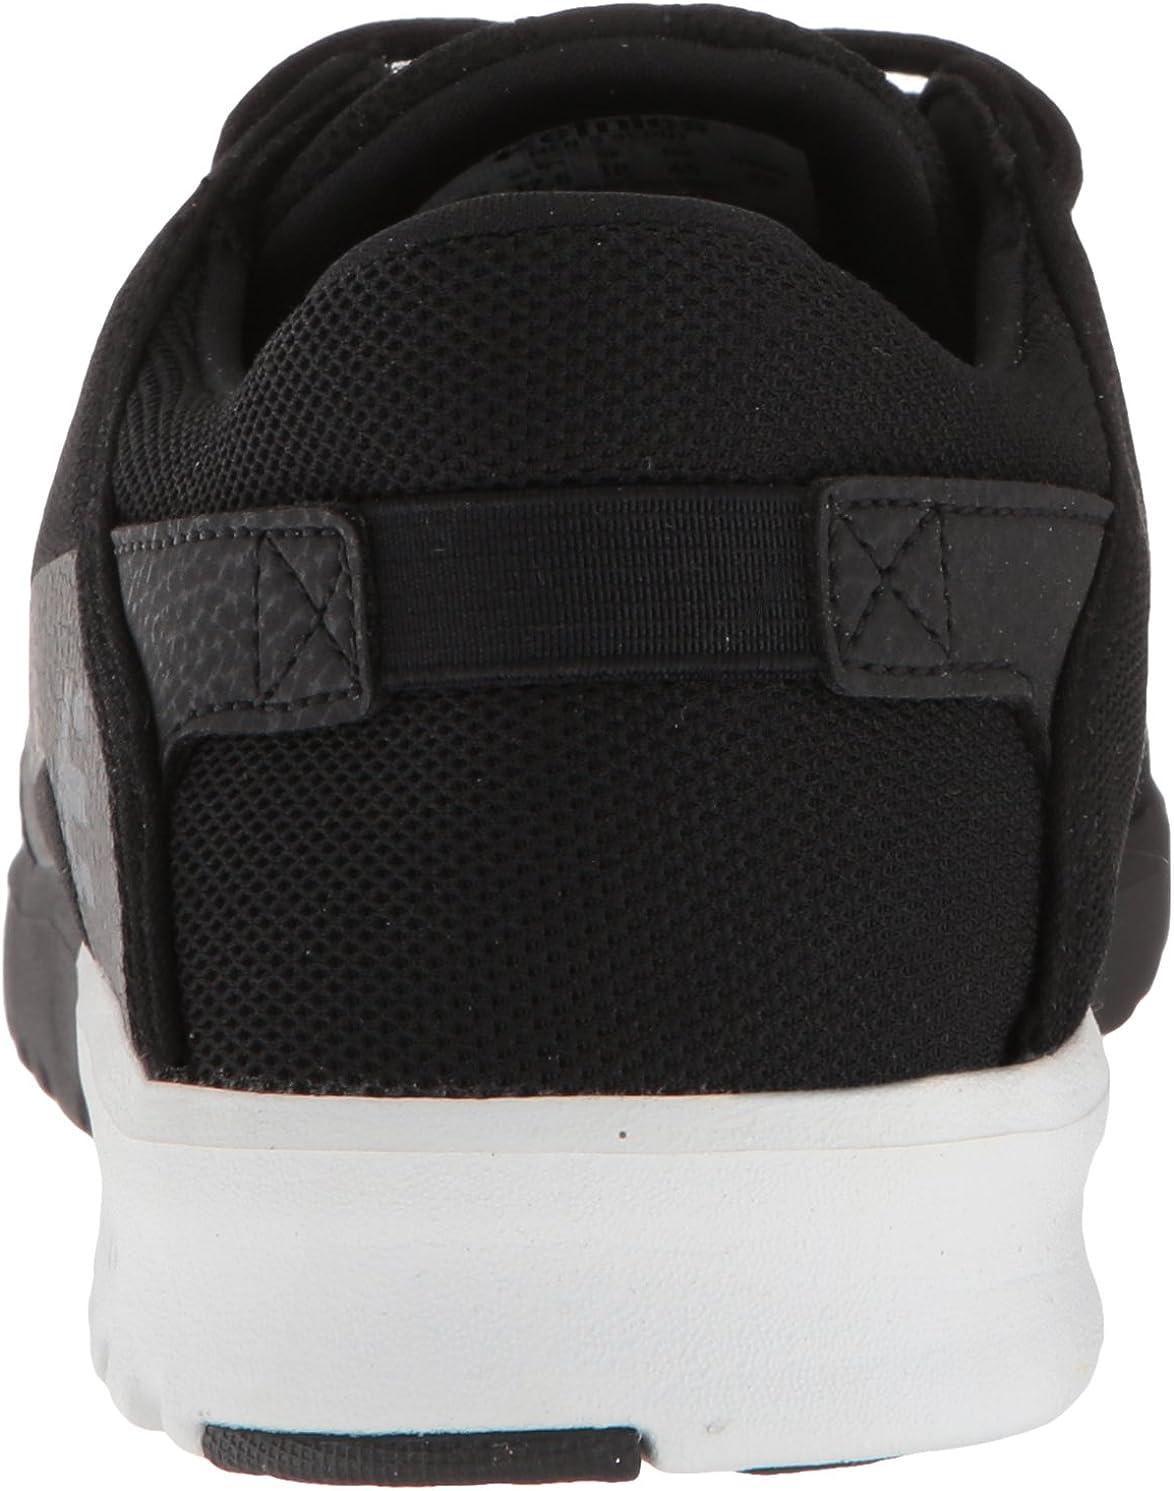 Etnies Scout Sneaker Black/White/White